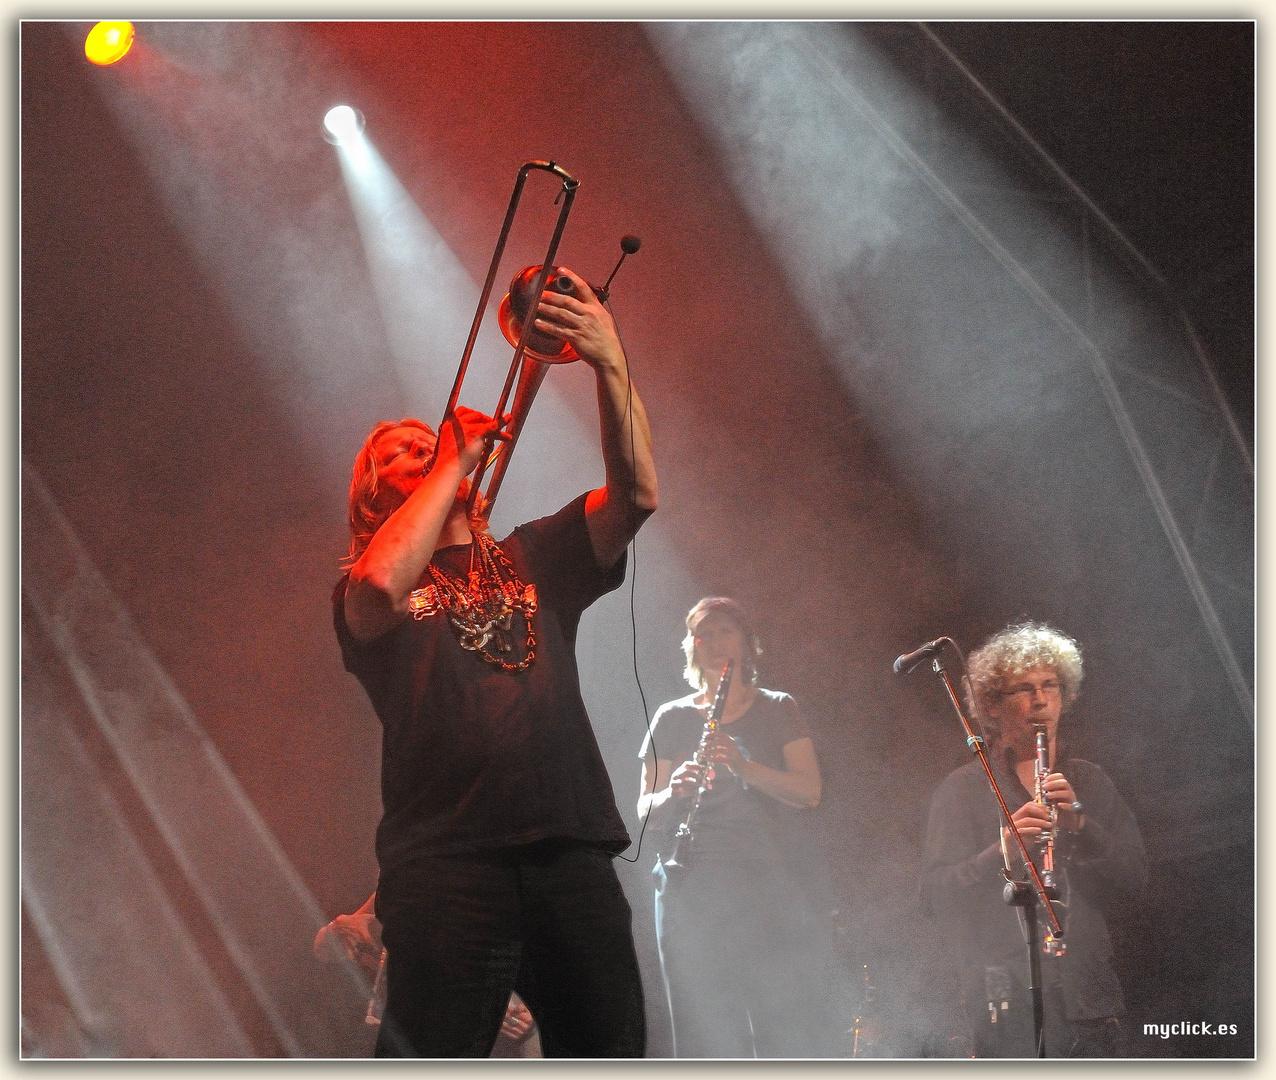 UNA NOCHE MAGICA 3-WOMAD 2011-LAS PALMAS DE G C